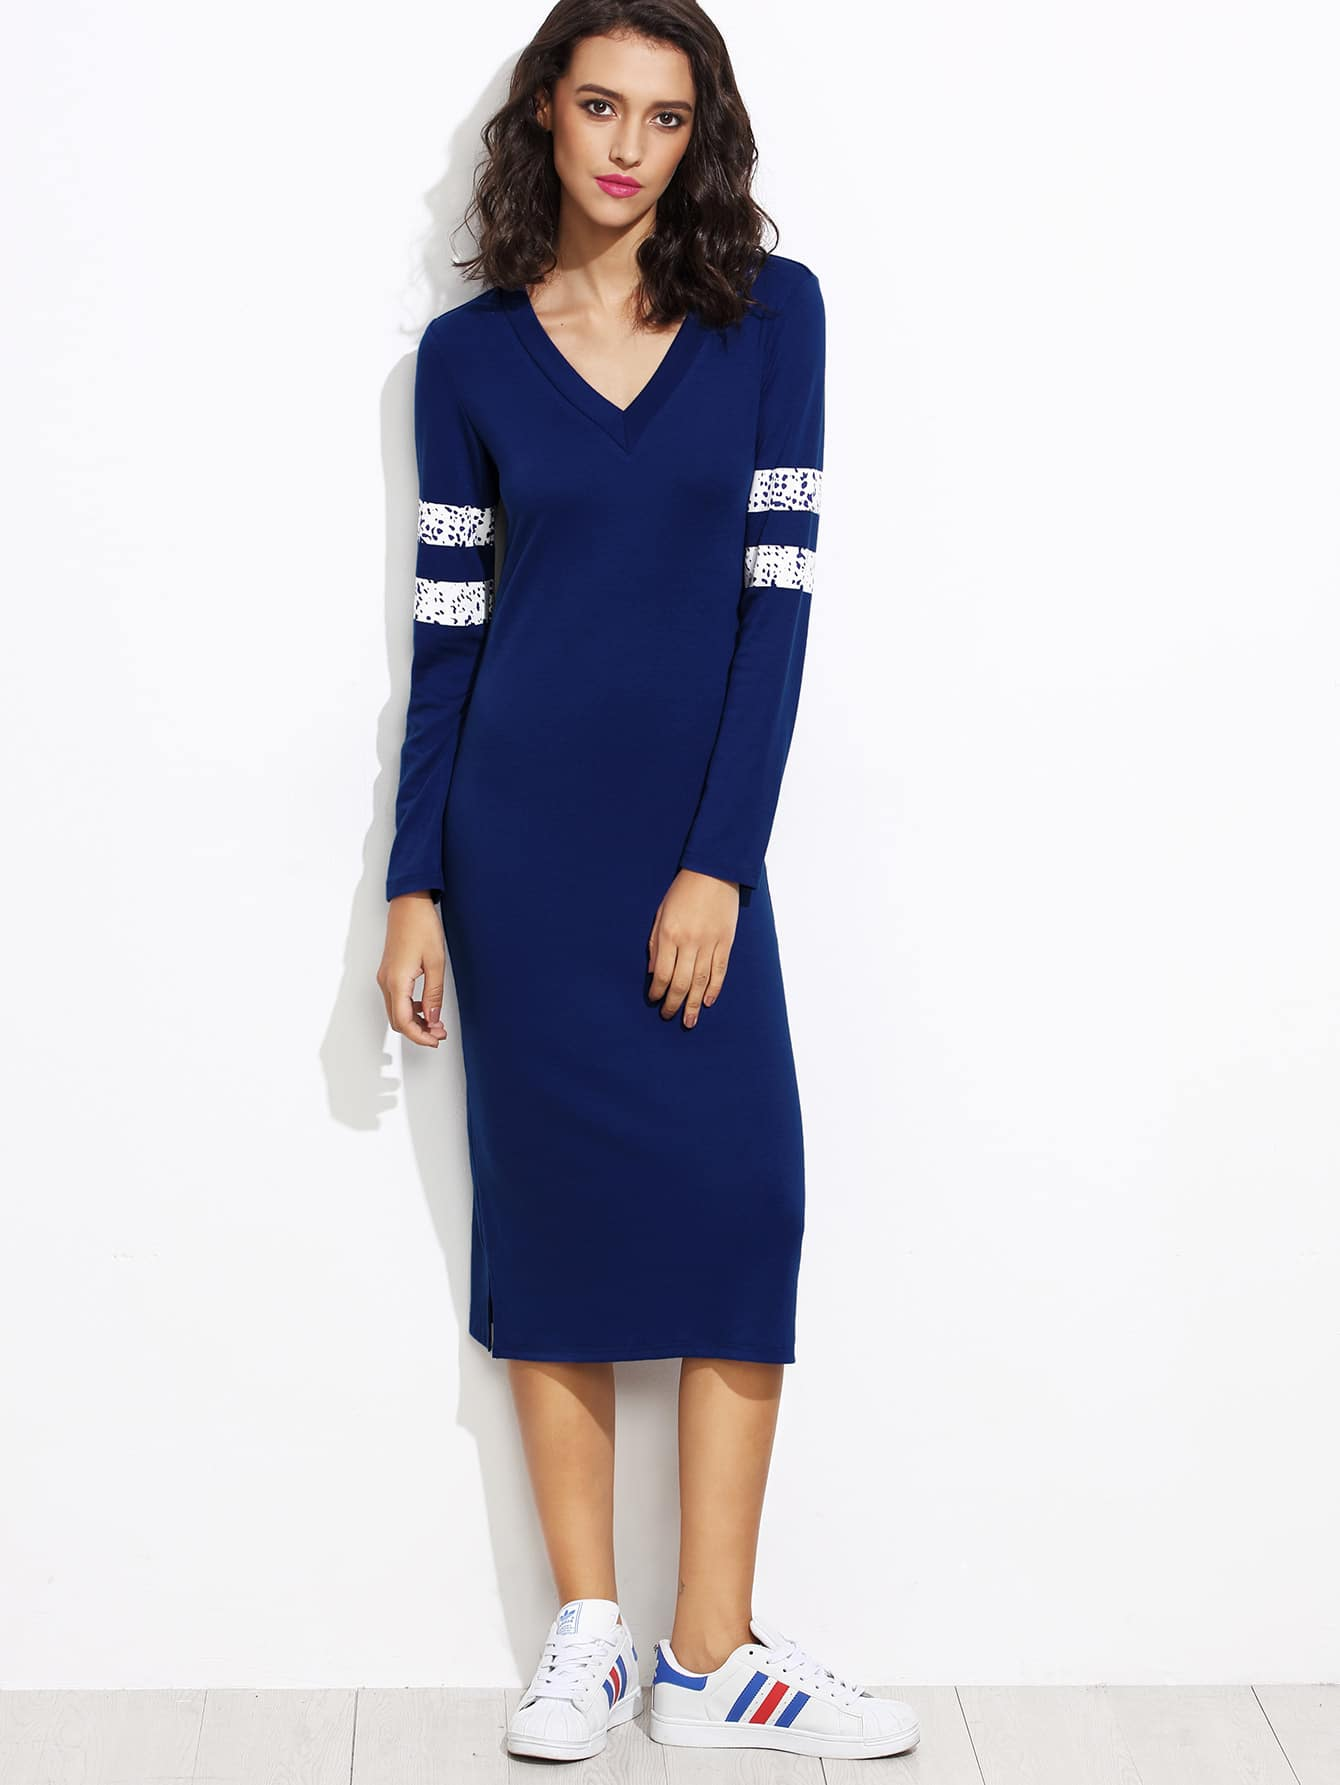 dress160817705_2